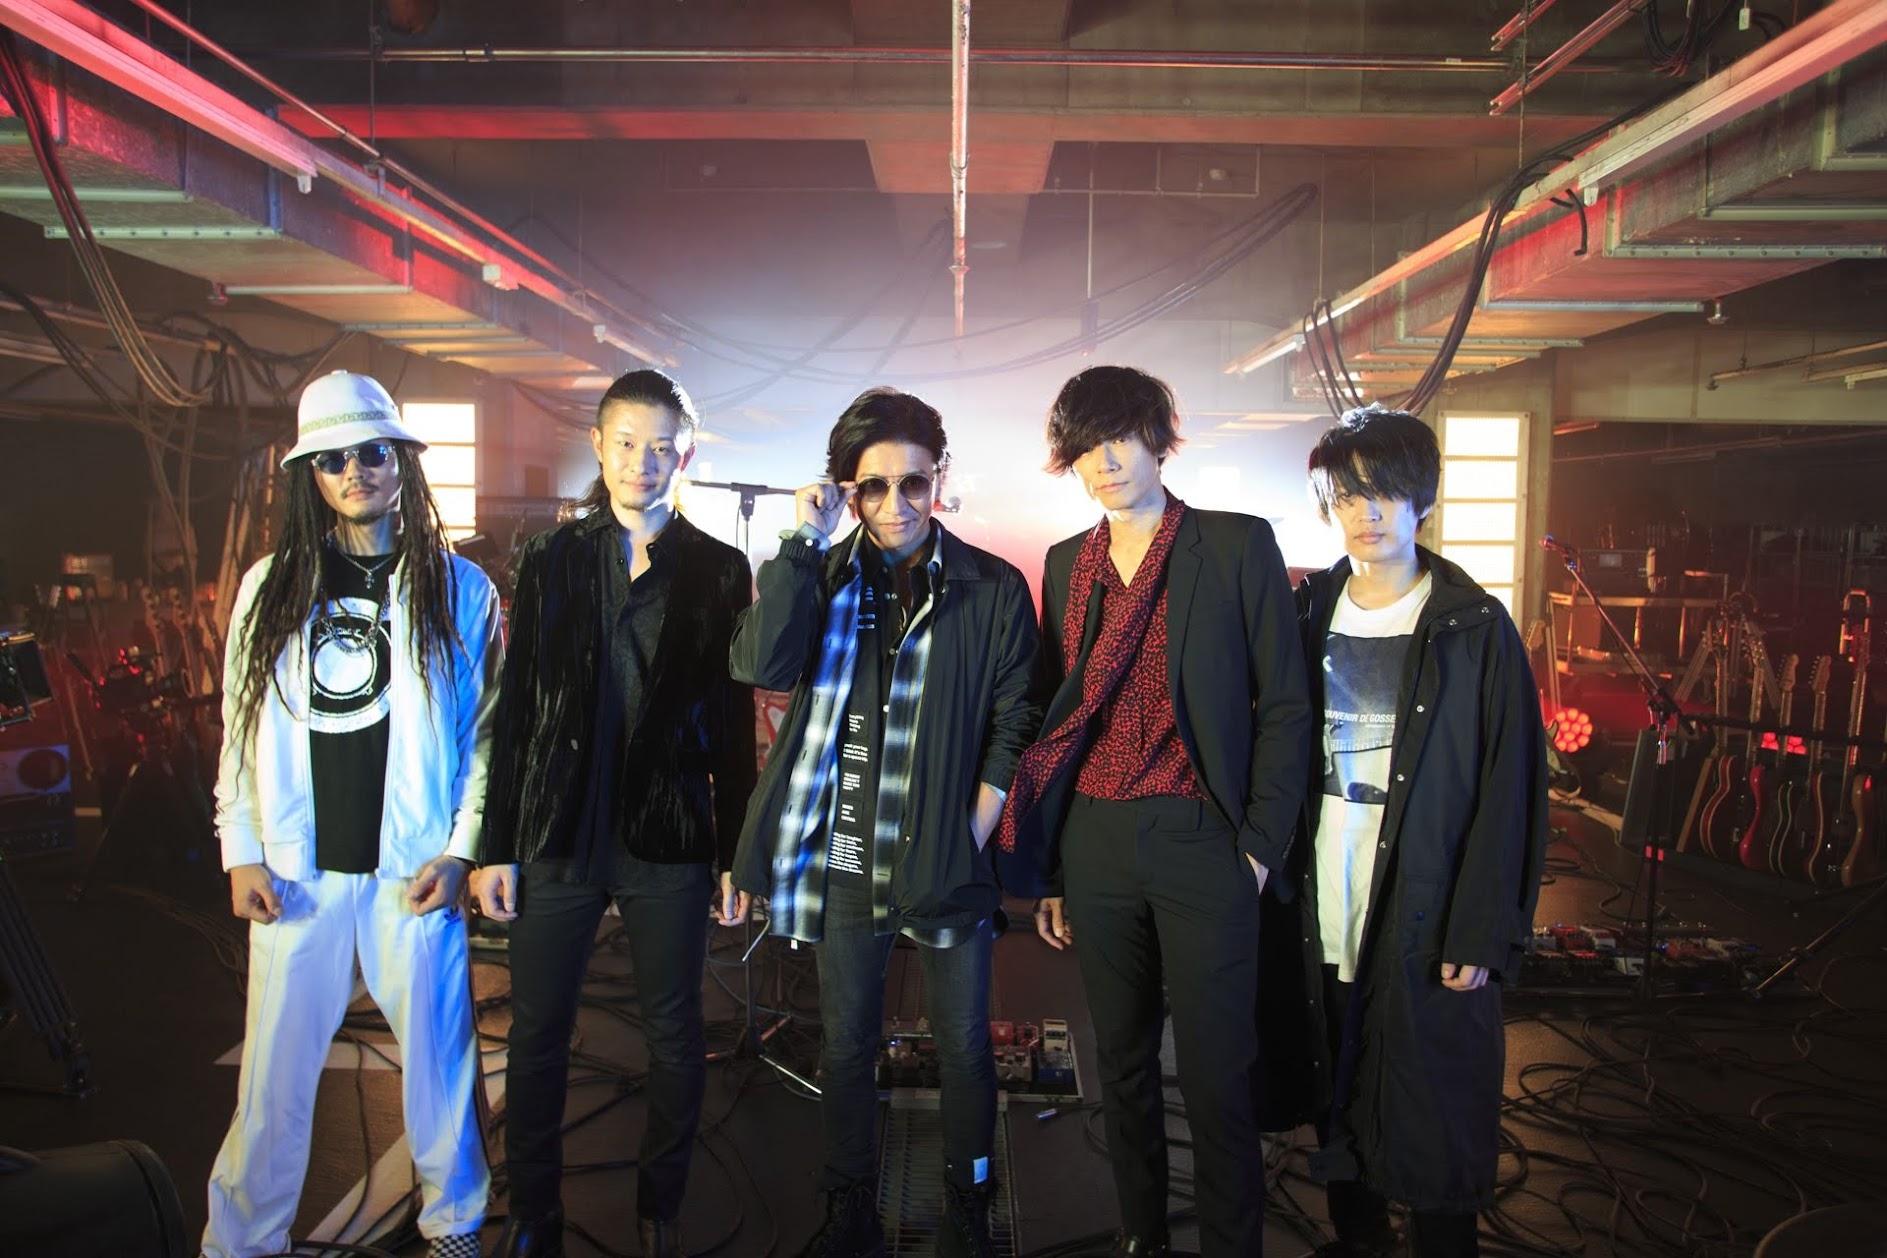 [迷迷音樂] [ALEXANDROS] 最新專輯主打曲<琶音></noscript> MV竟邀來 木村拓哉 出演超驚喜!